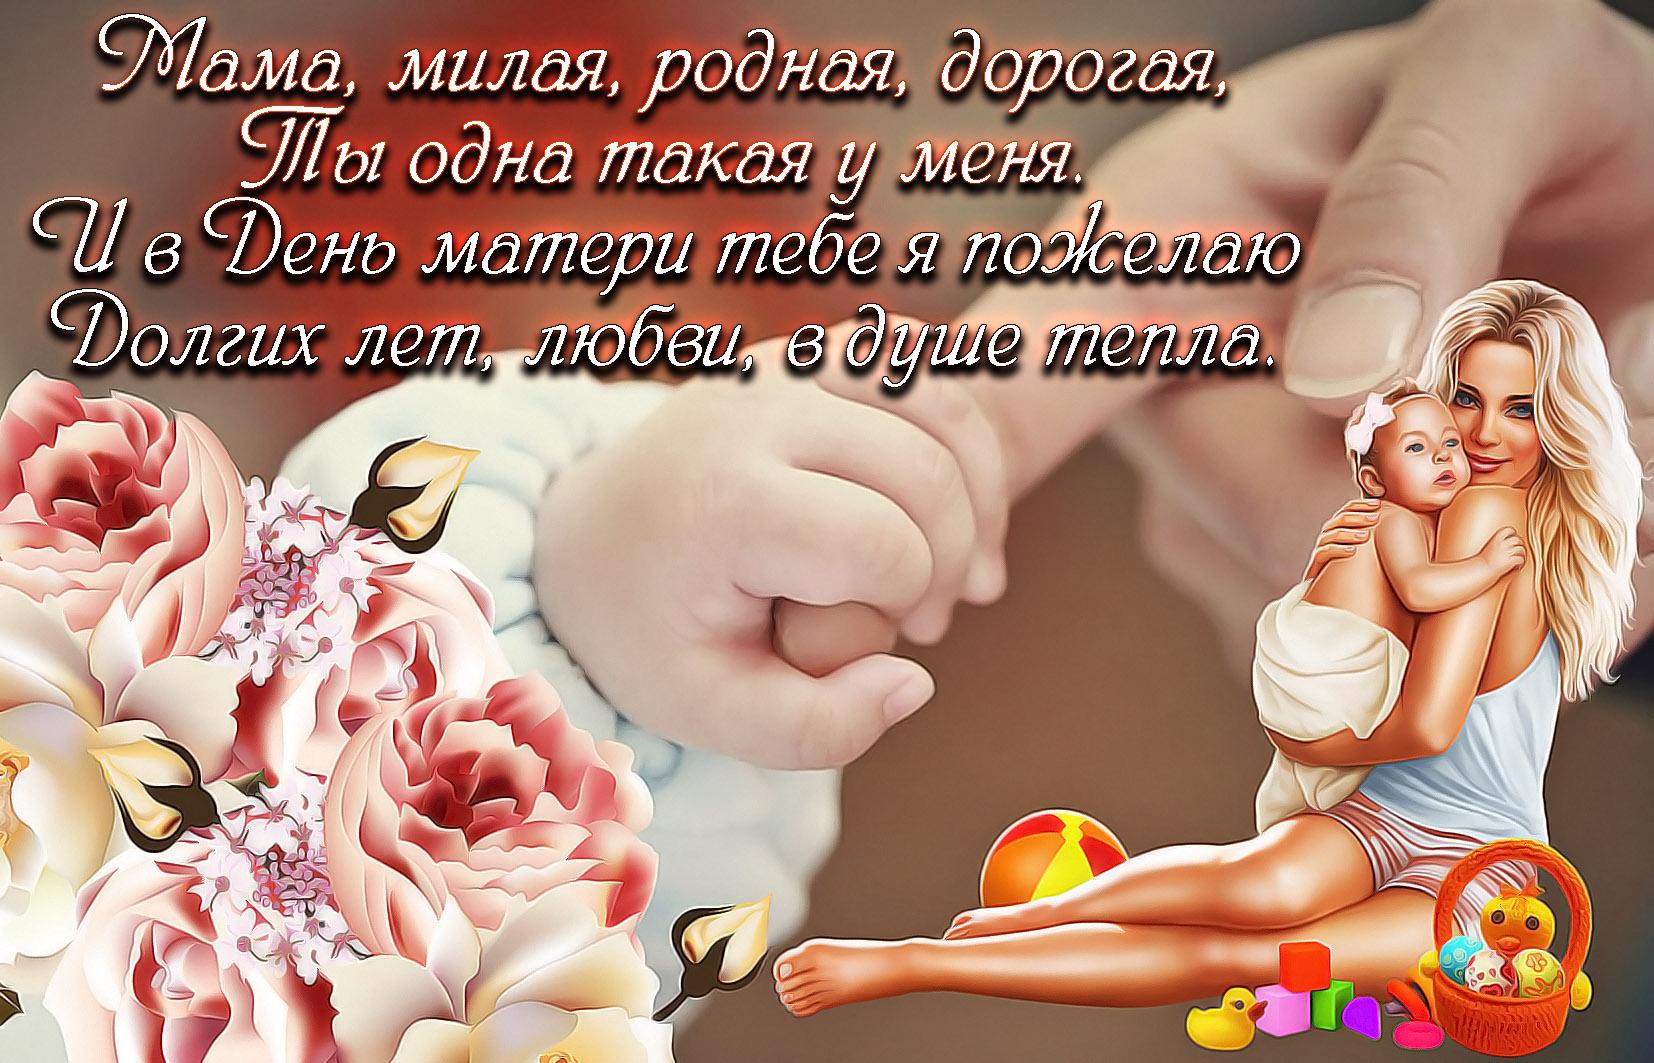 С днем матери открытки милые, днем